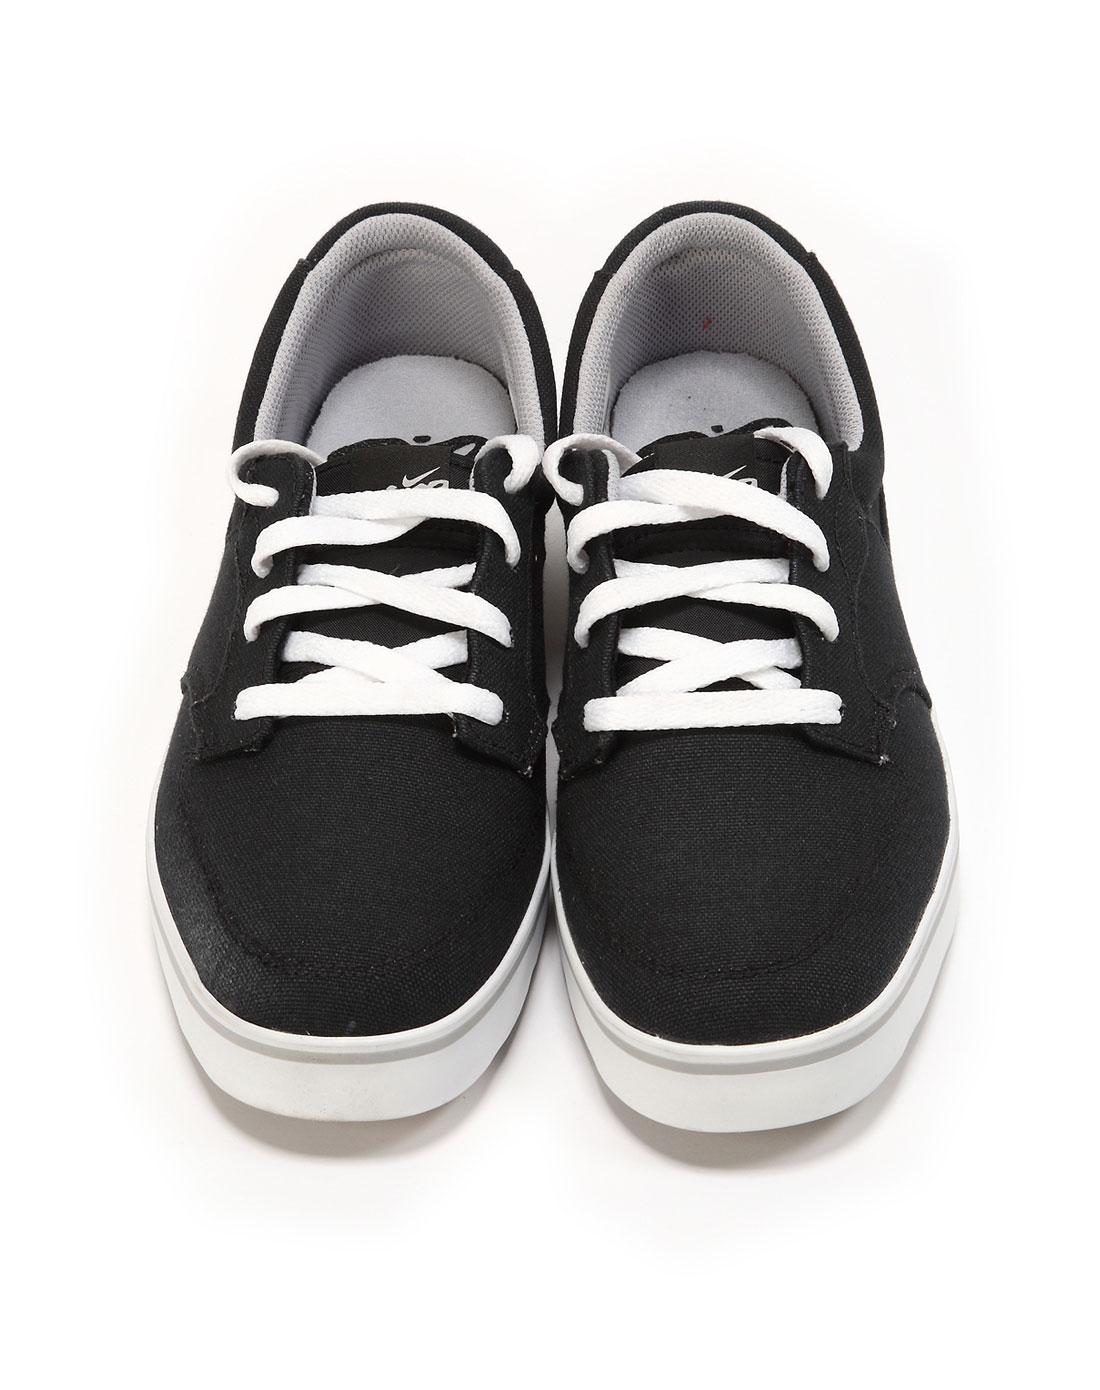 耐克nike-男子黑色复古鞋436208-003